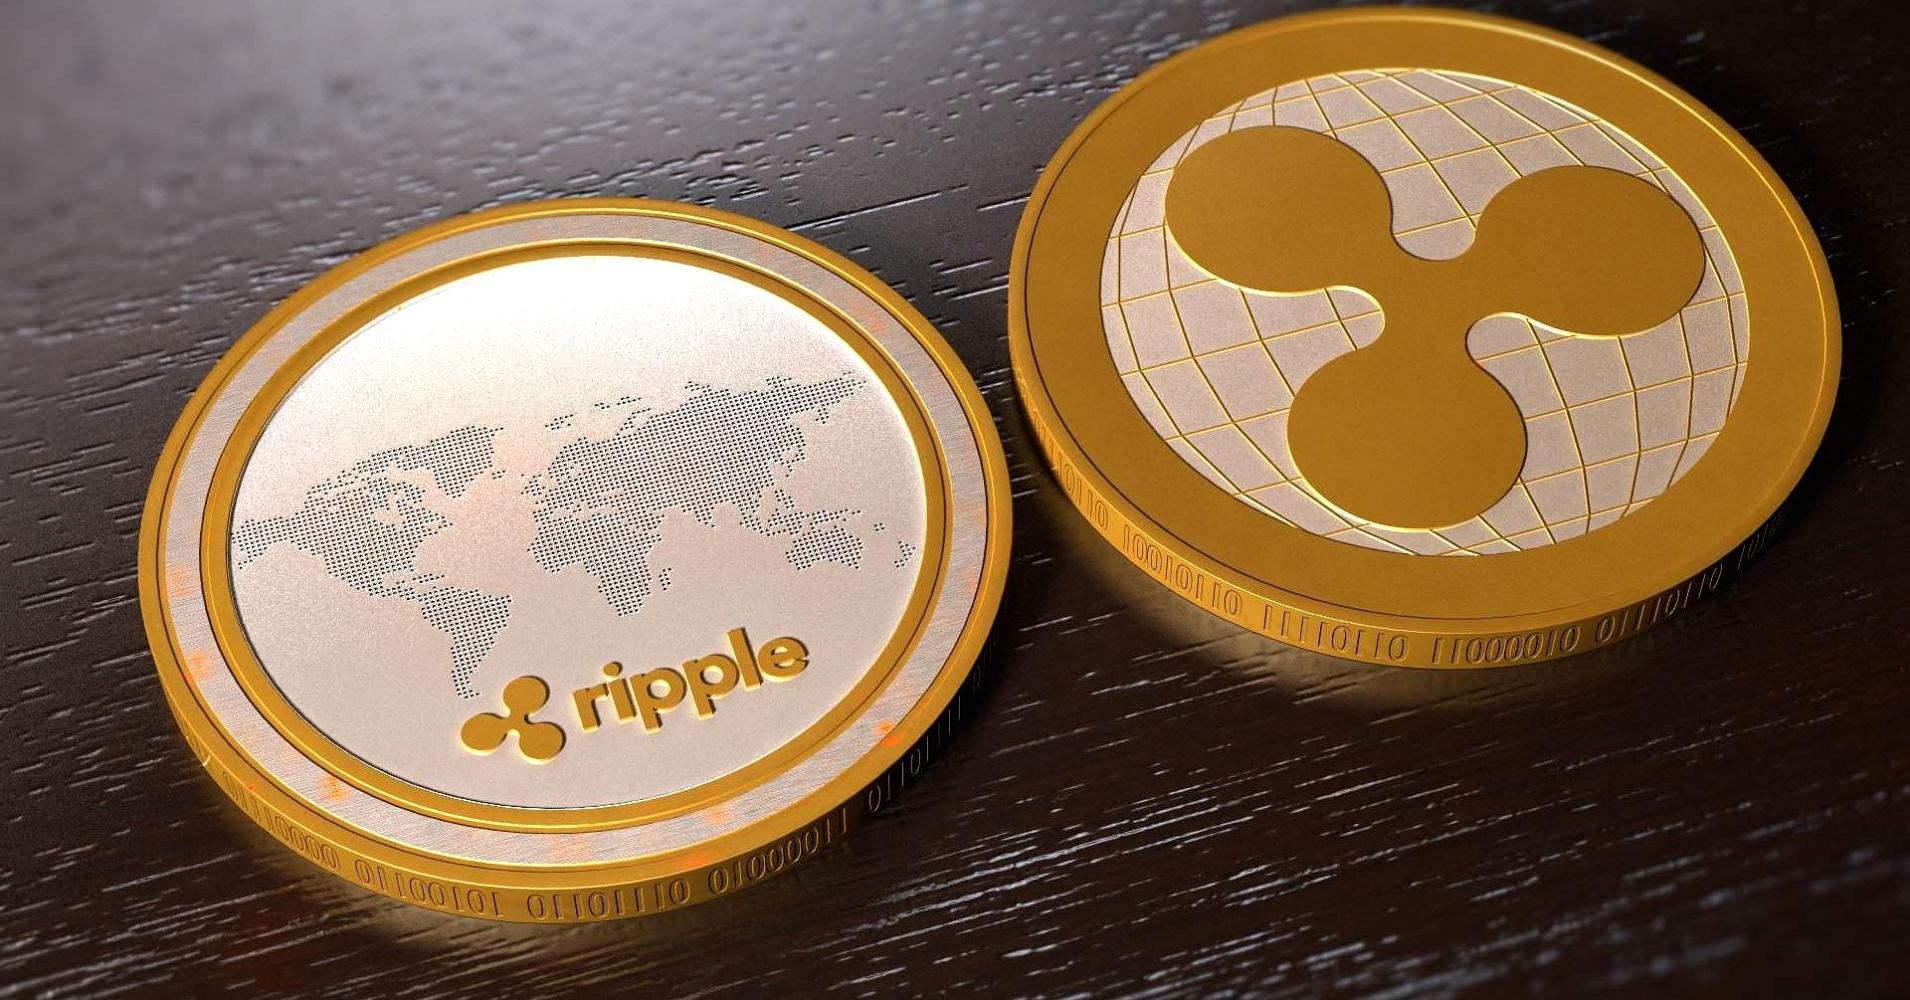 Приложение для круглосуточных денежных переводов на основе блокчейн Ripple запустят осенью